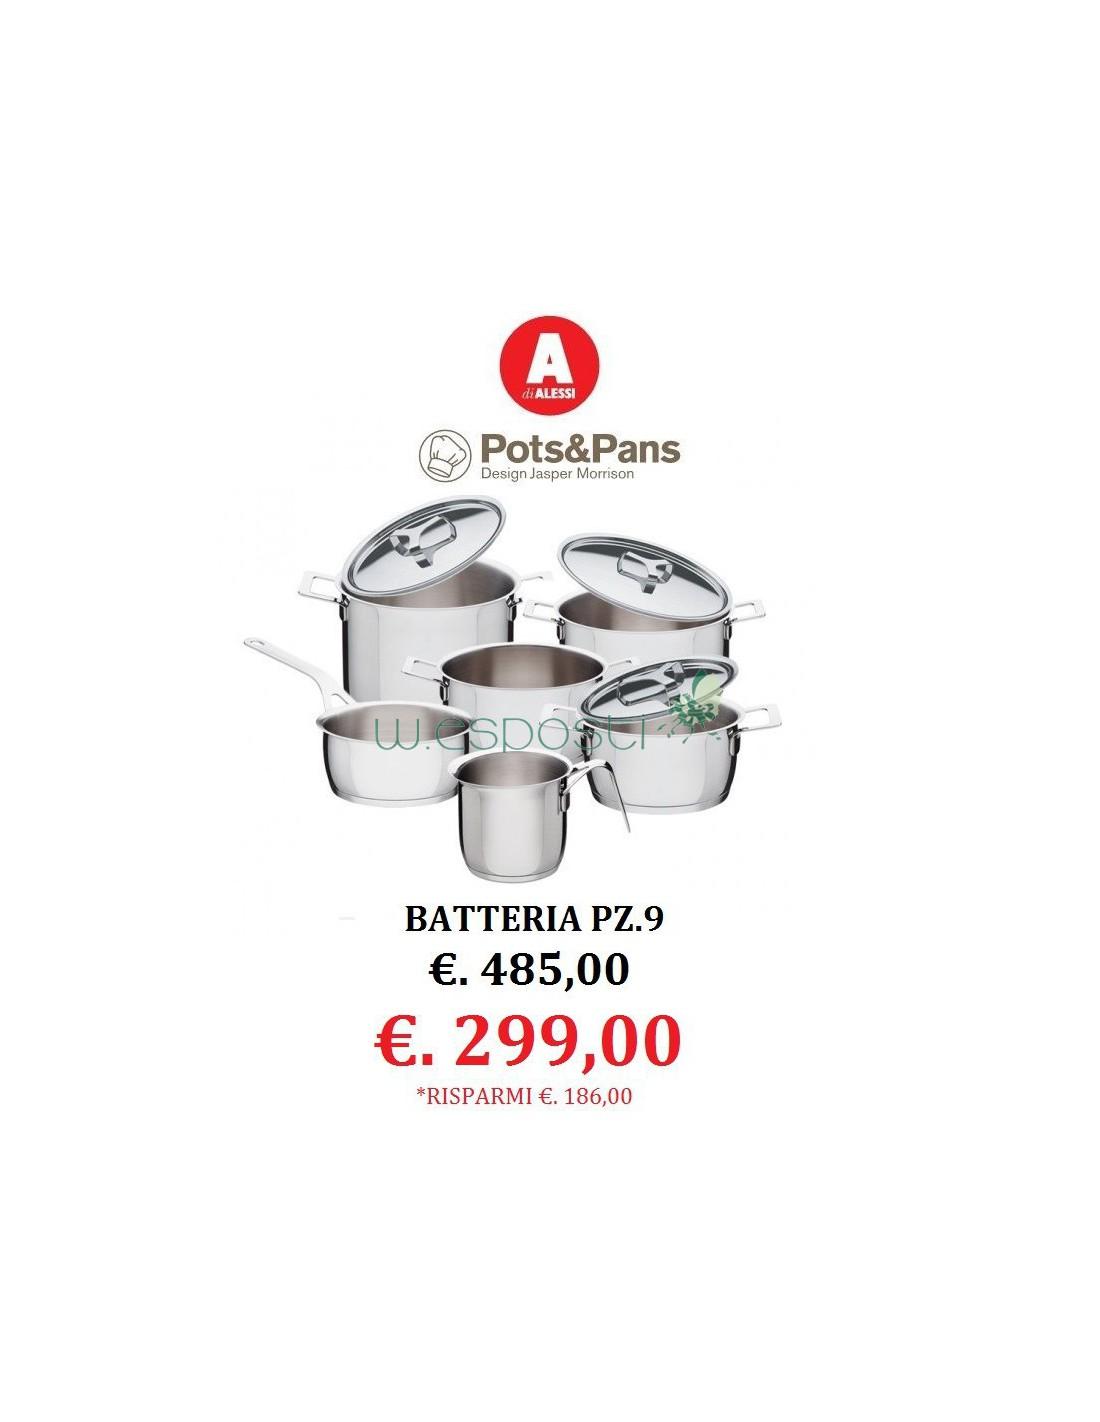 Batteria pz.9 Pots&Pans - Jasper Morrison - Alessi